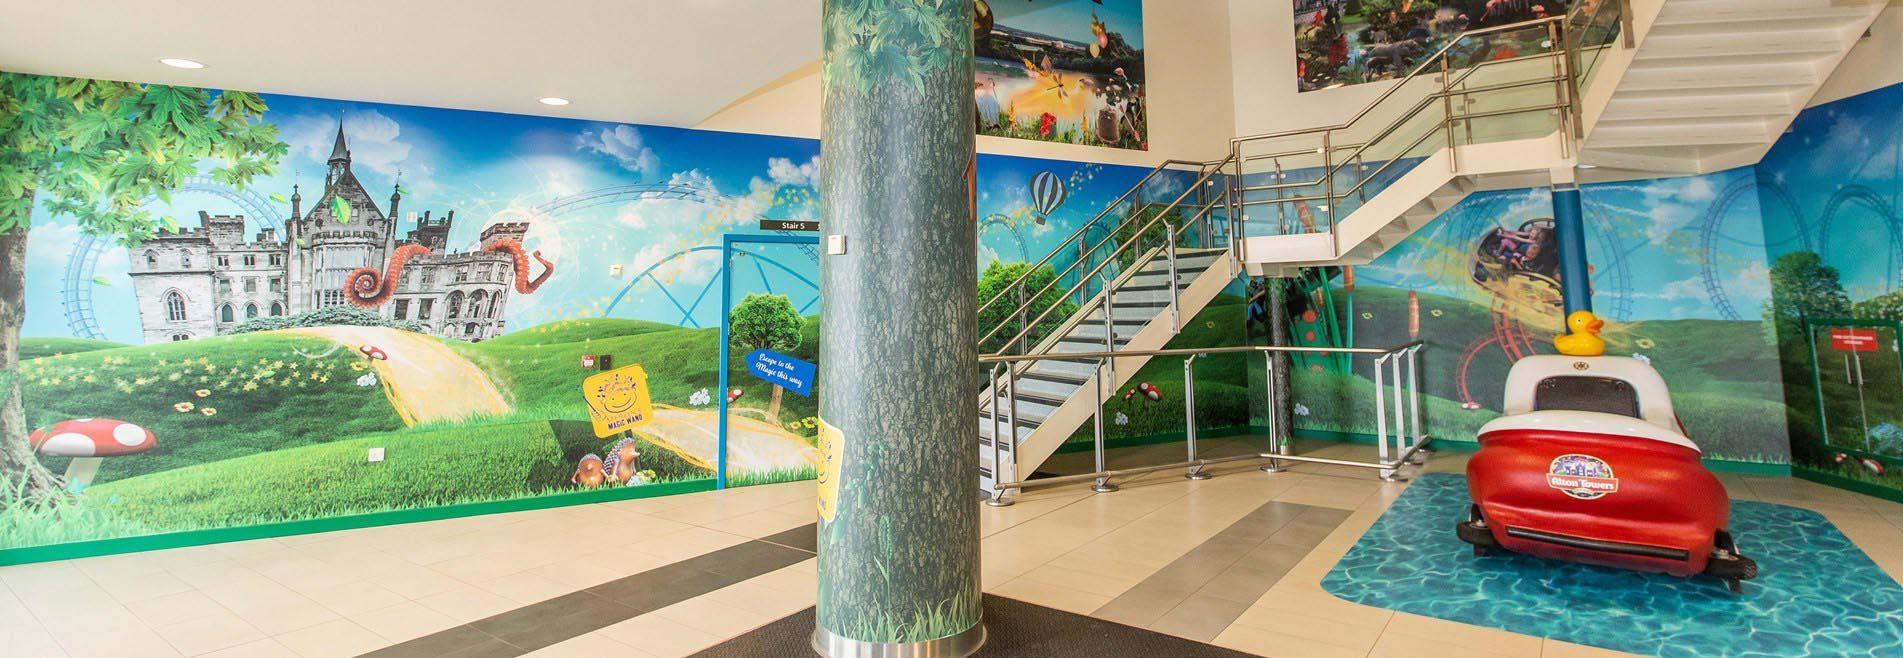 UHNM Hospital Design